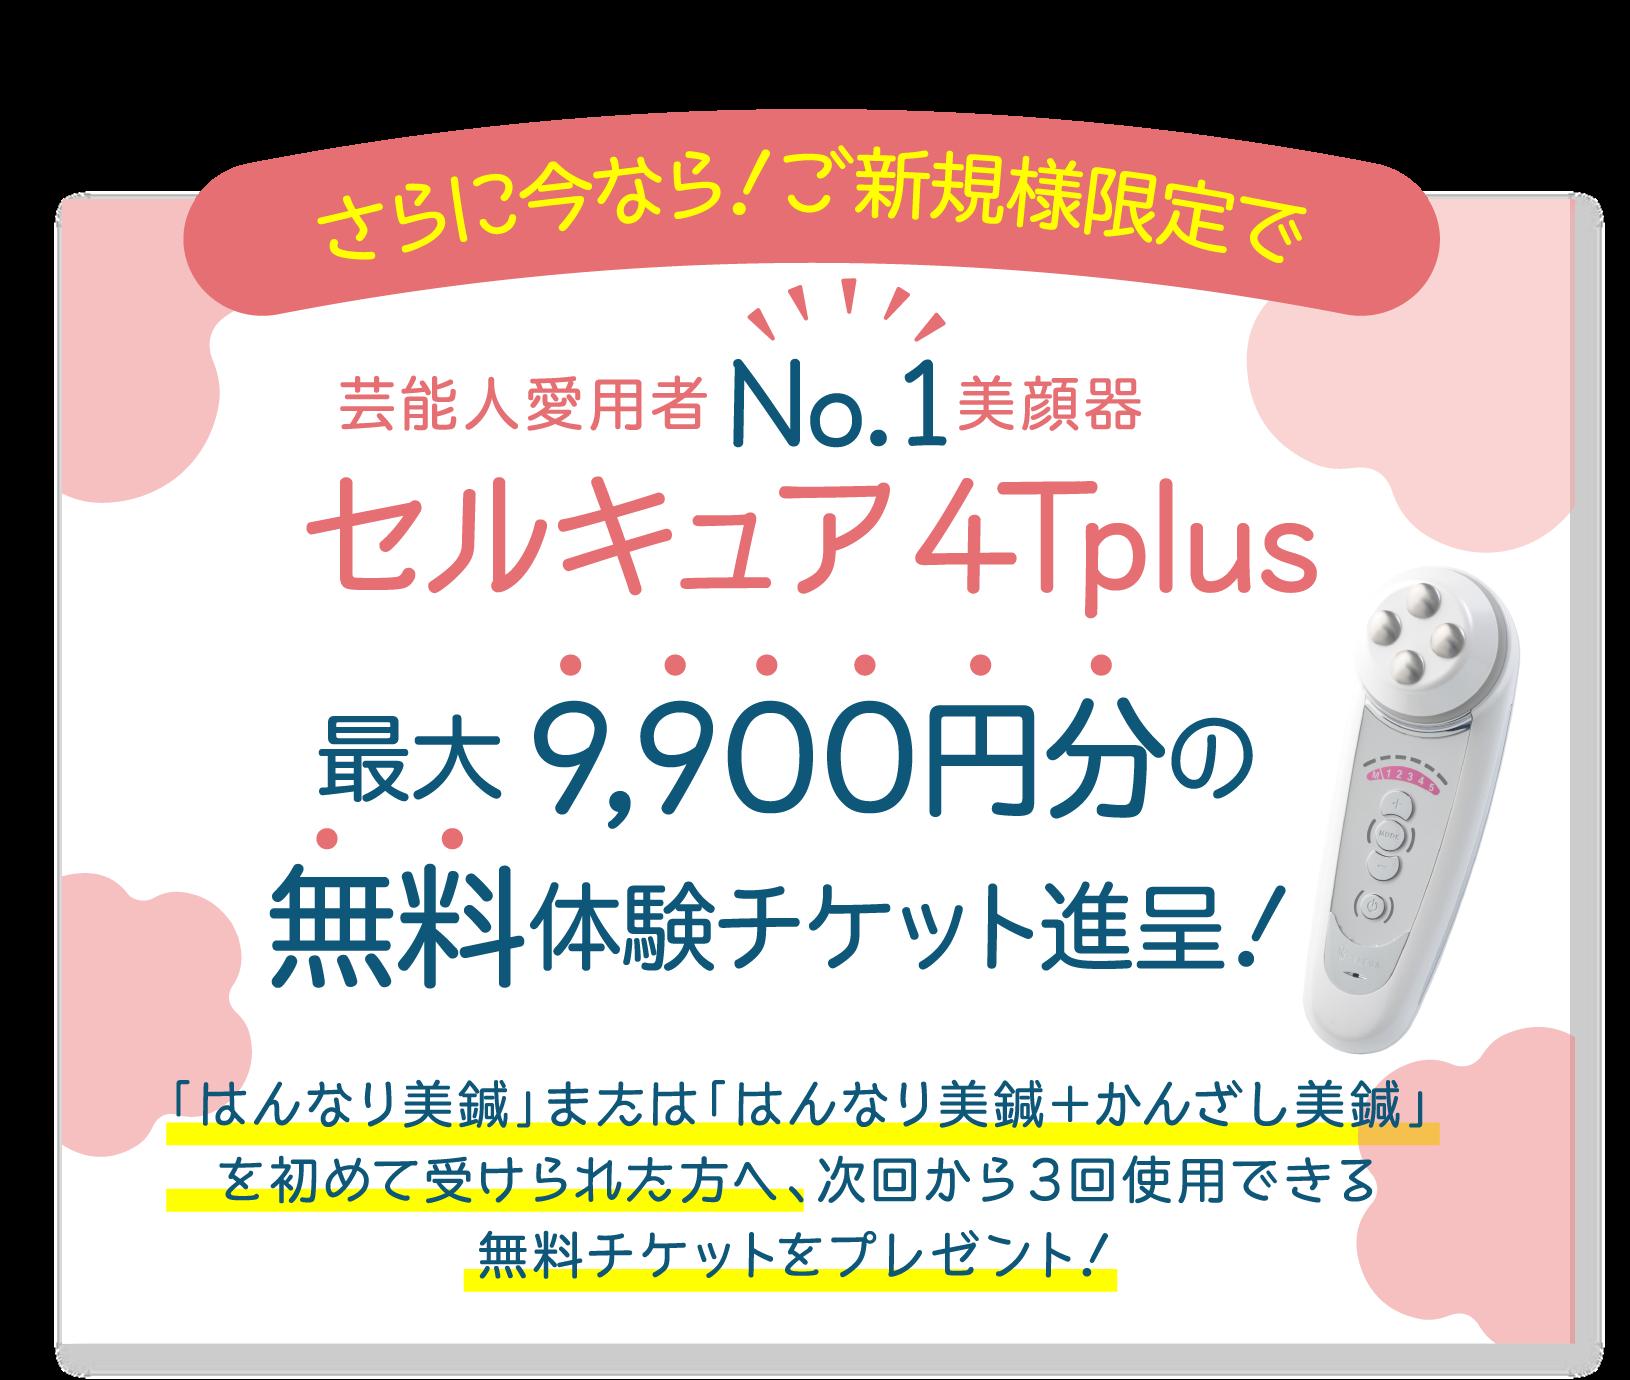 さらに今なら!ご新規様限定でセルキュア4Tplus 最大9,900円分の無料体験チケット進呈!